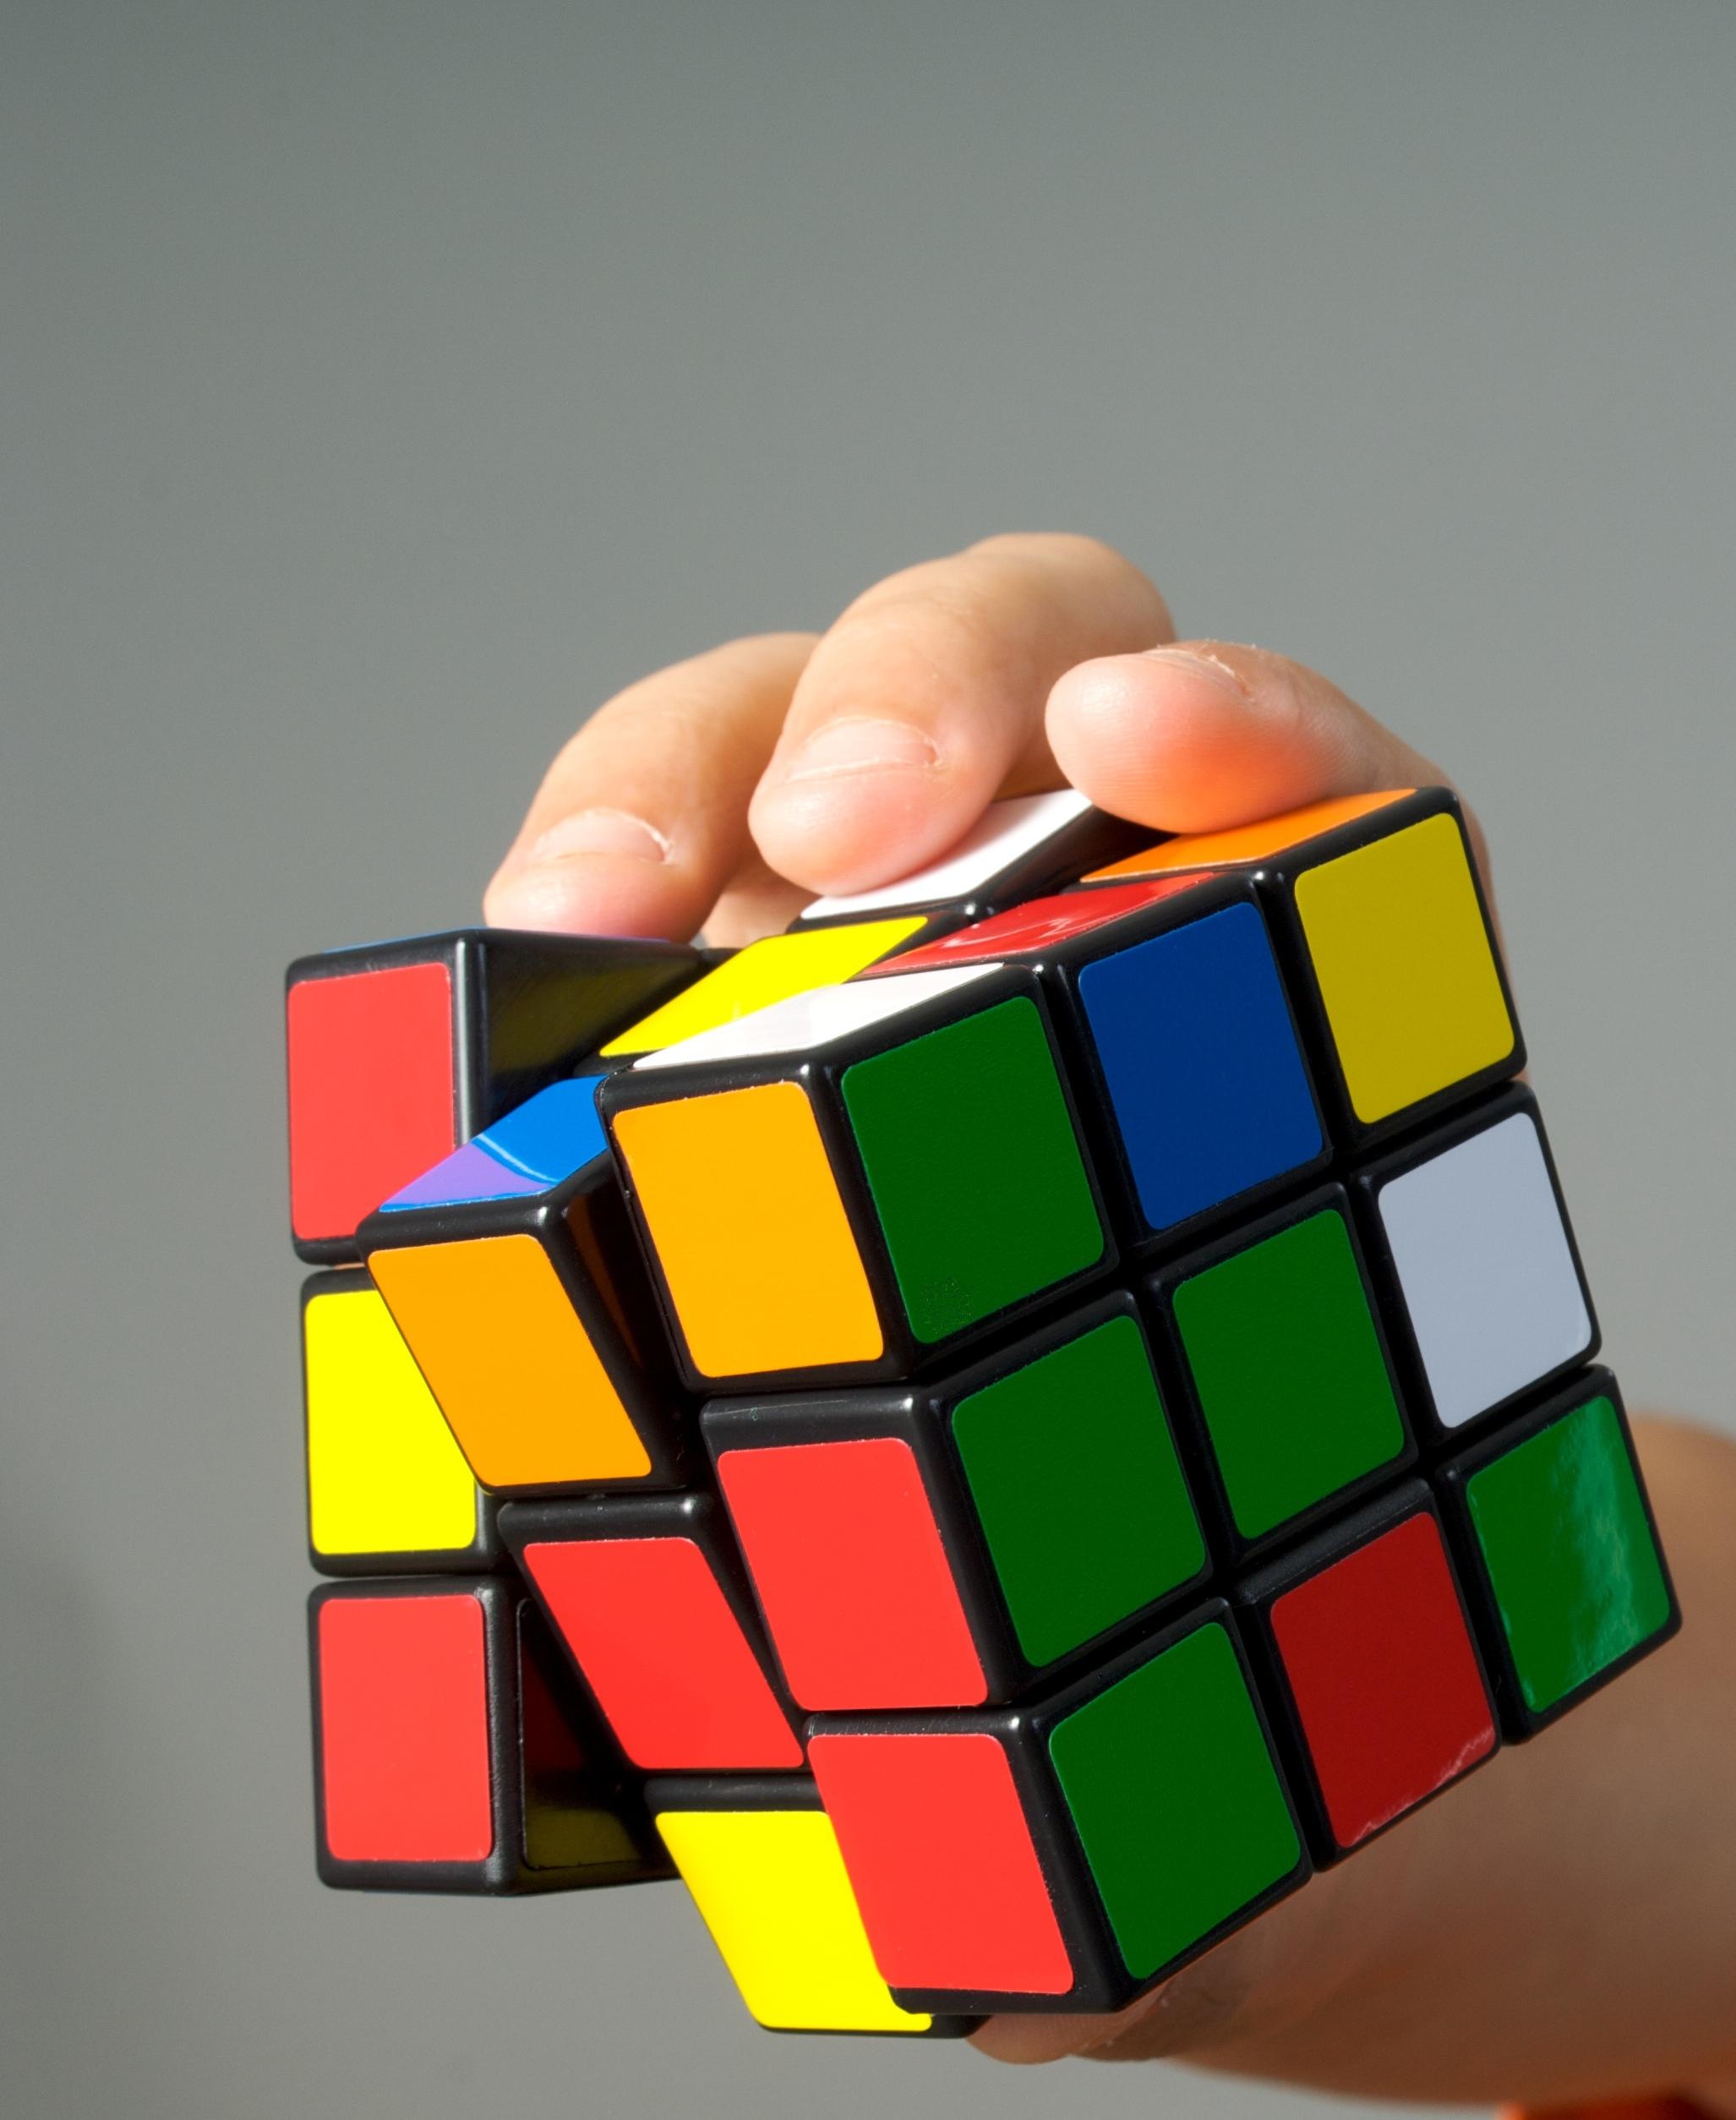 кубик рубик с рисунком сборка